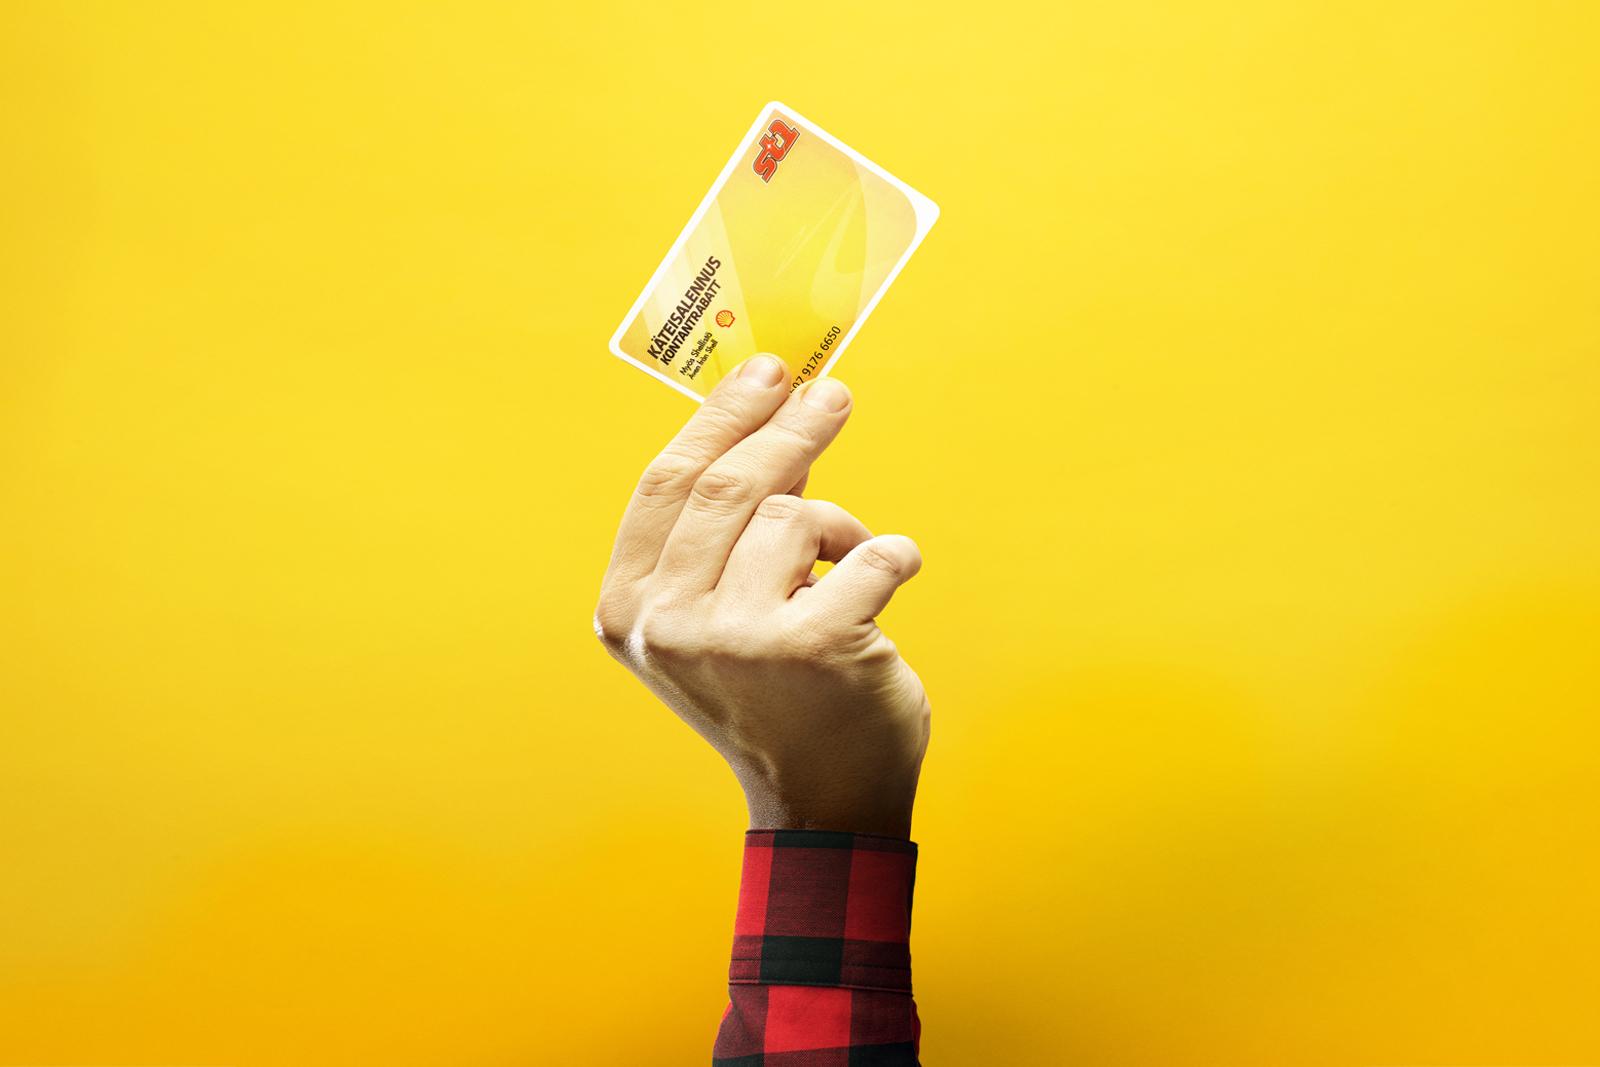 Mies_pitelee_Käteisalennuskorttia_kädessään